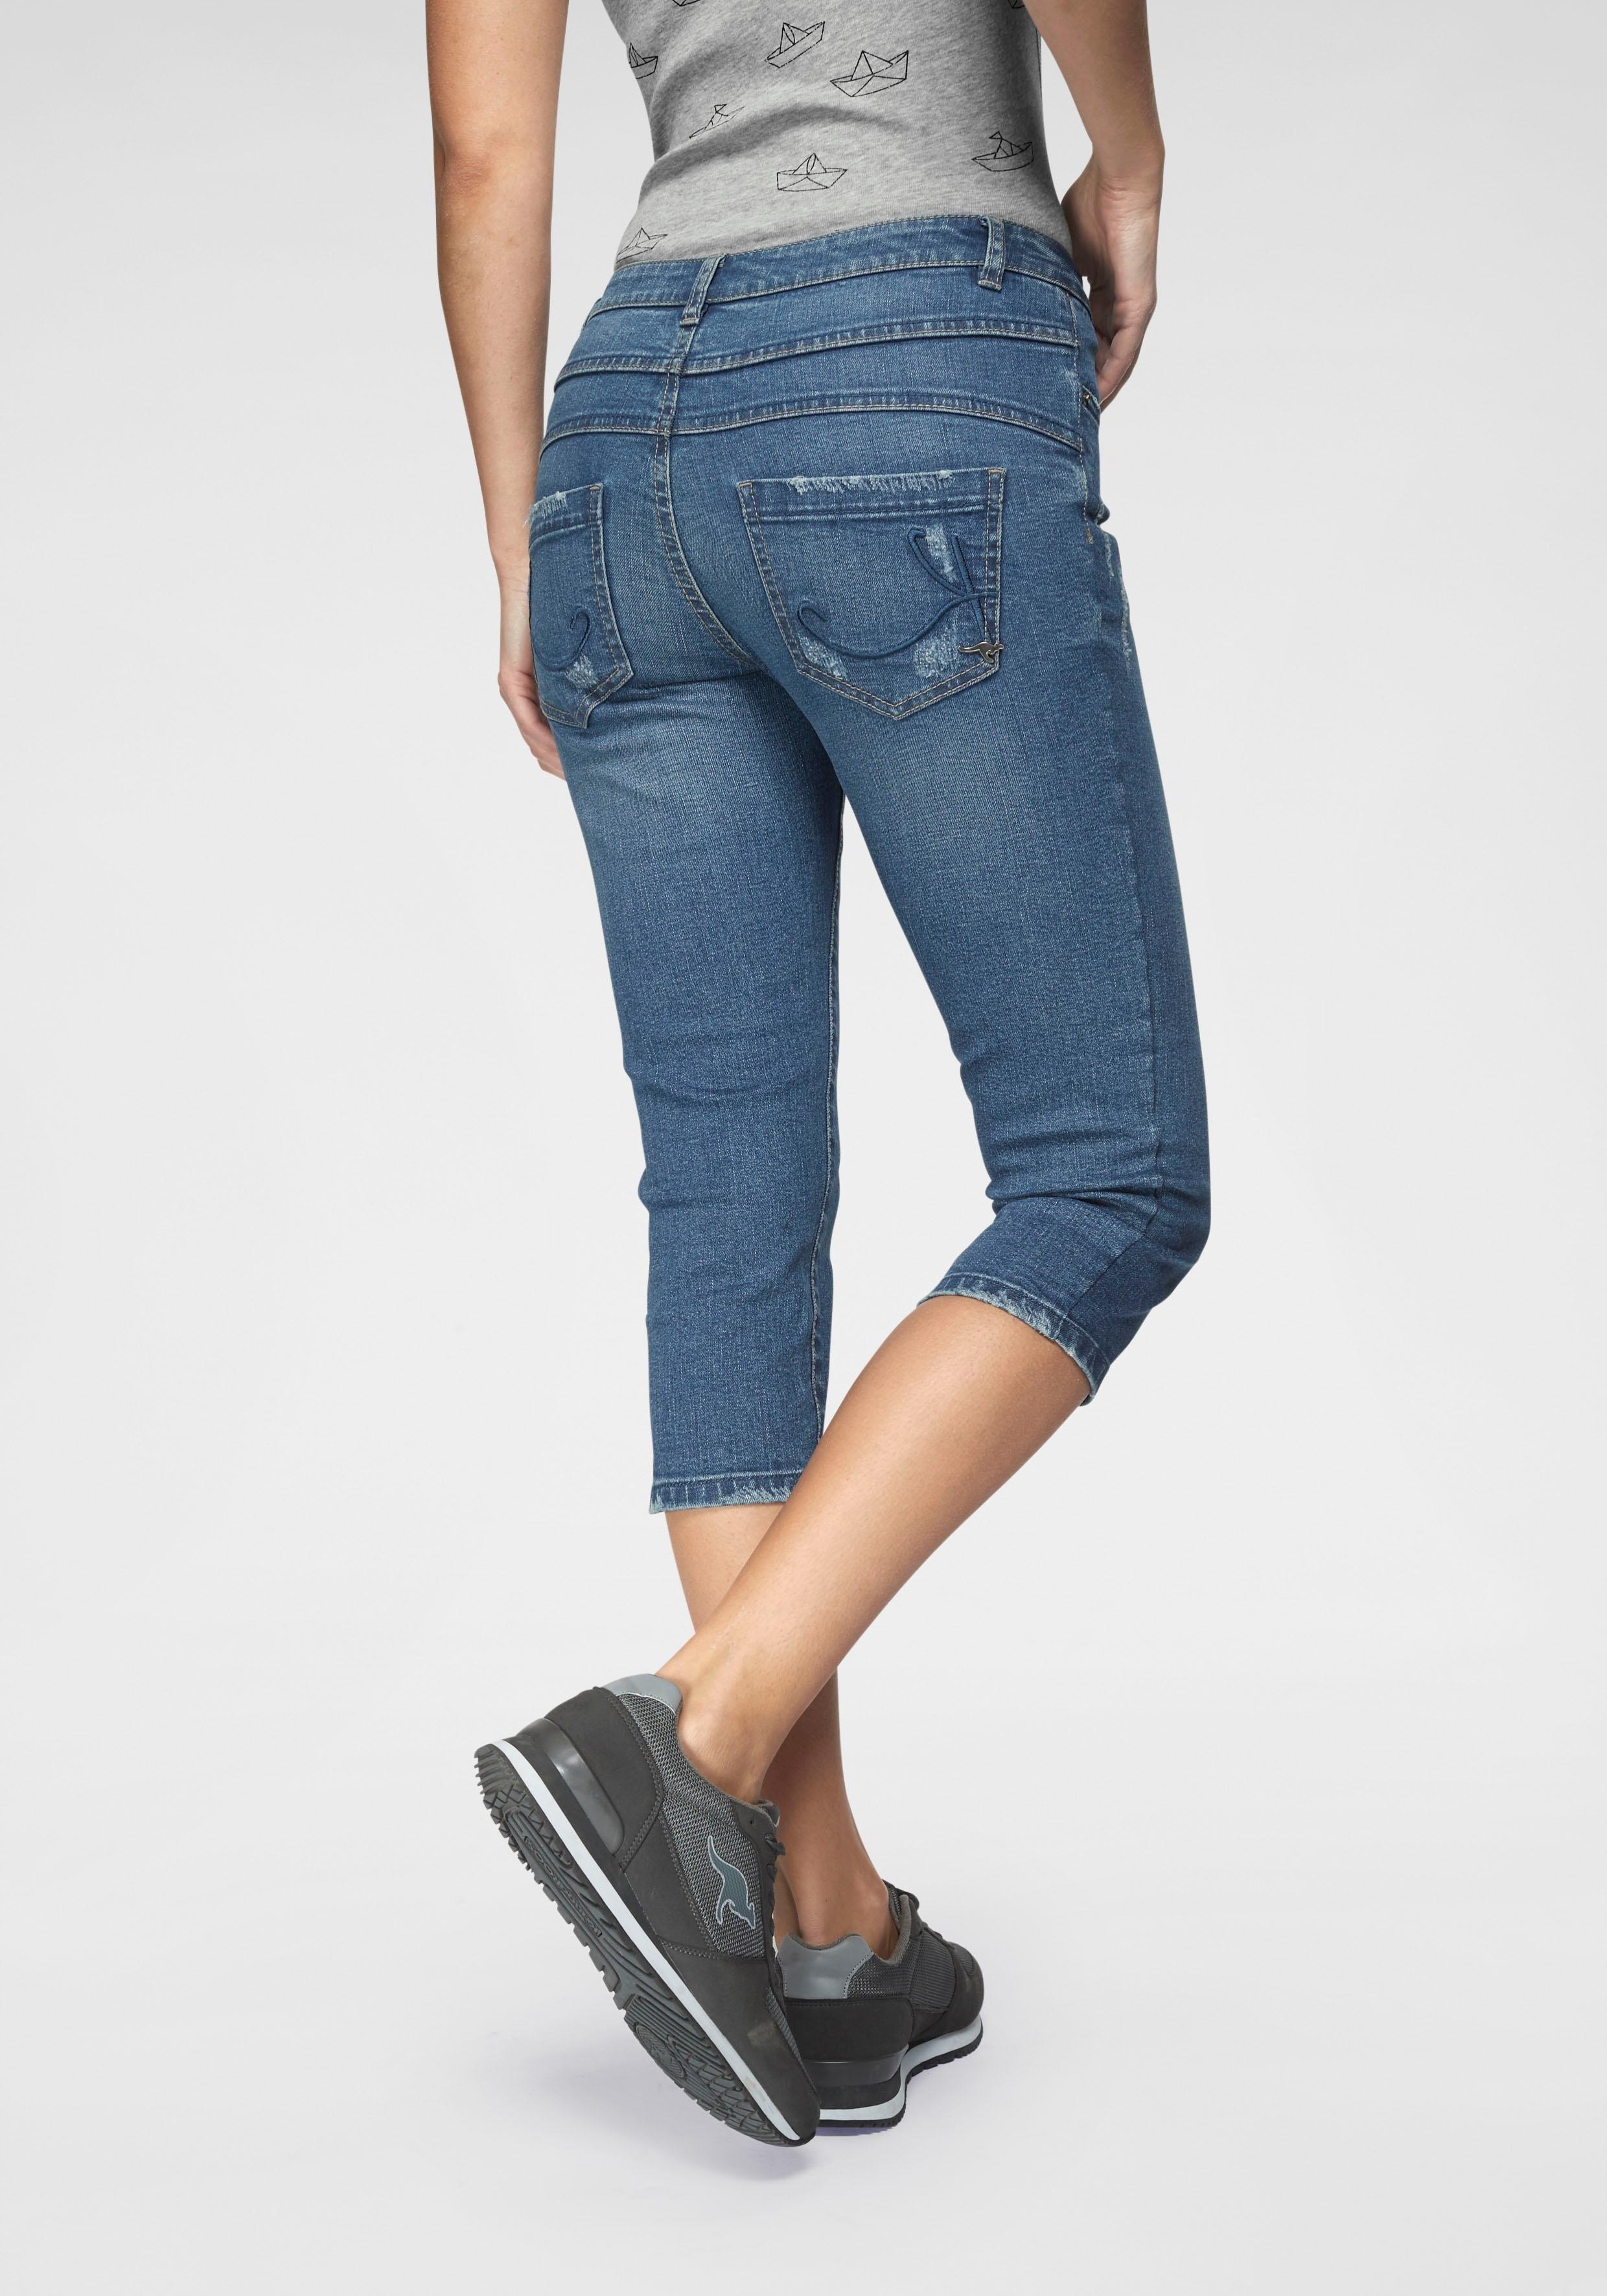 KangaROOS capri jeans - verschillende betaalmethodes